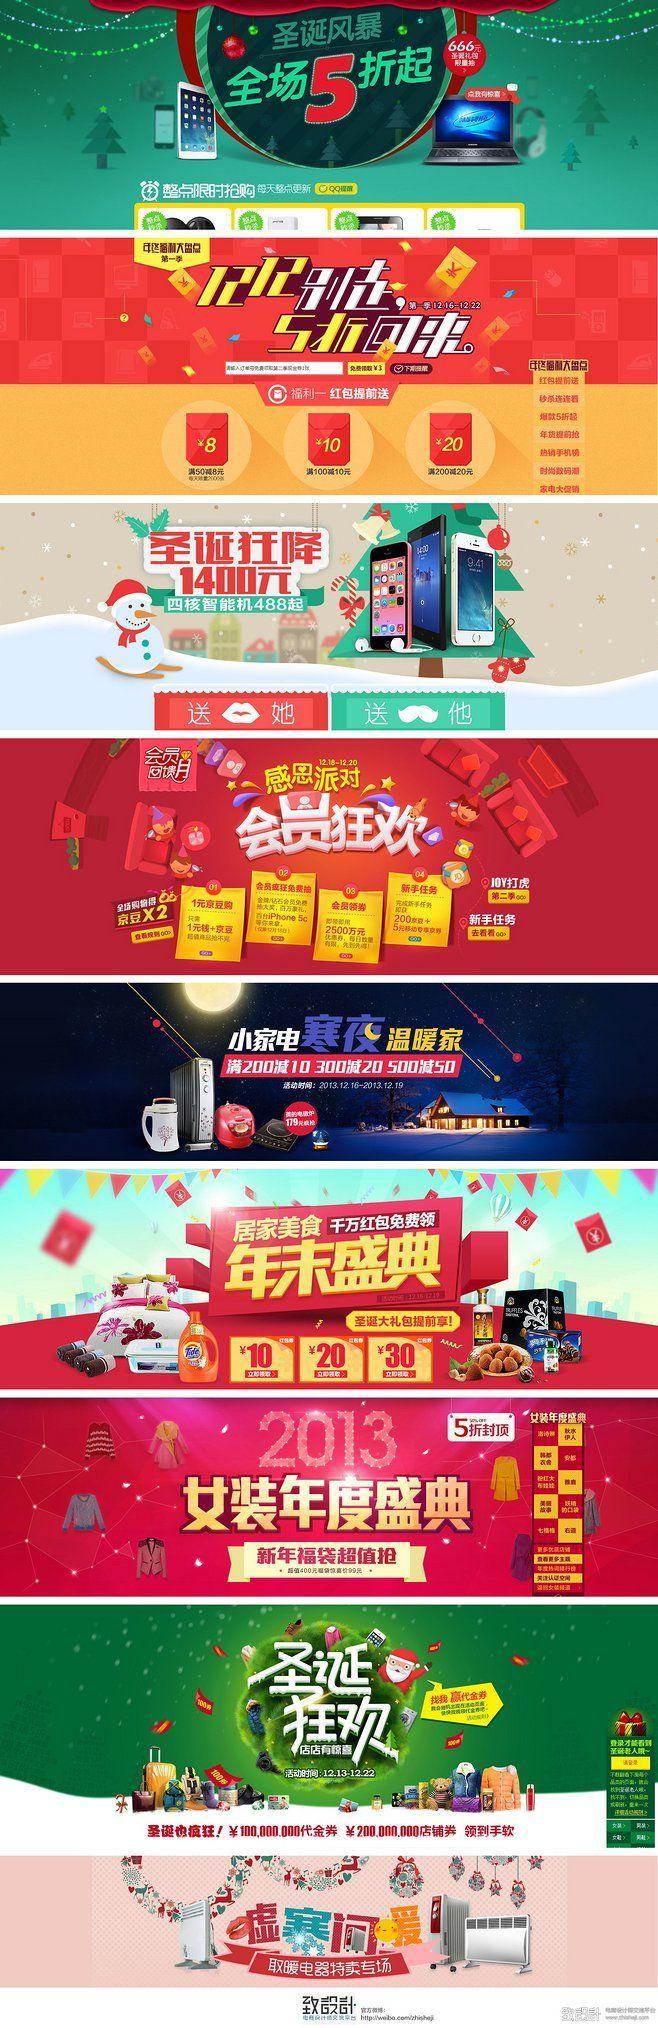 一些专题主图设计欣赏,致设计-中国最大的...: 一些专题主图设计欣赏,致设计-中国最大的...